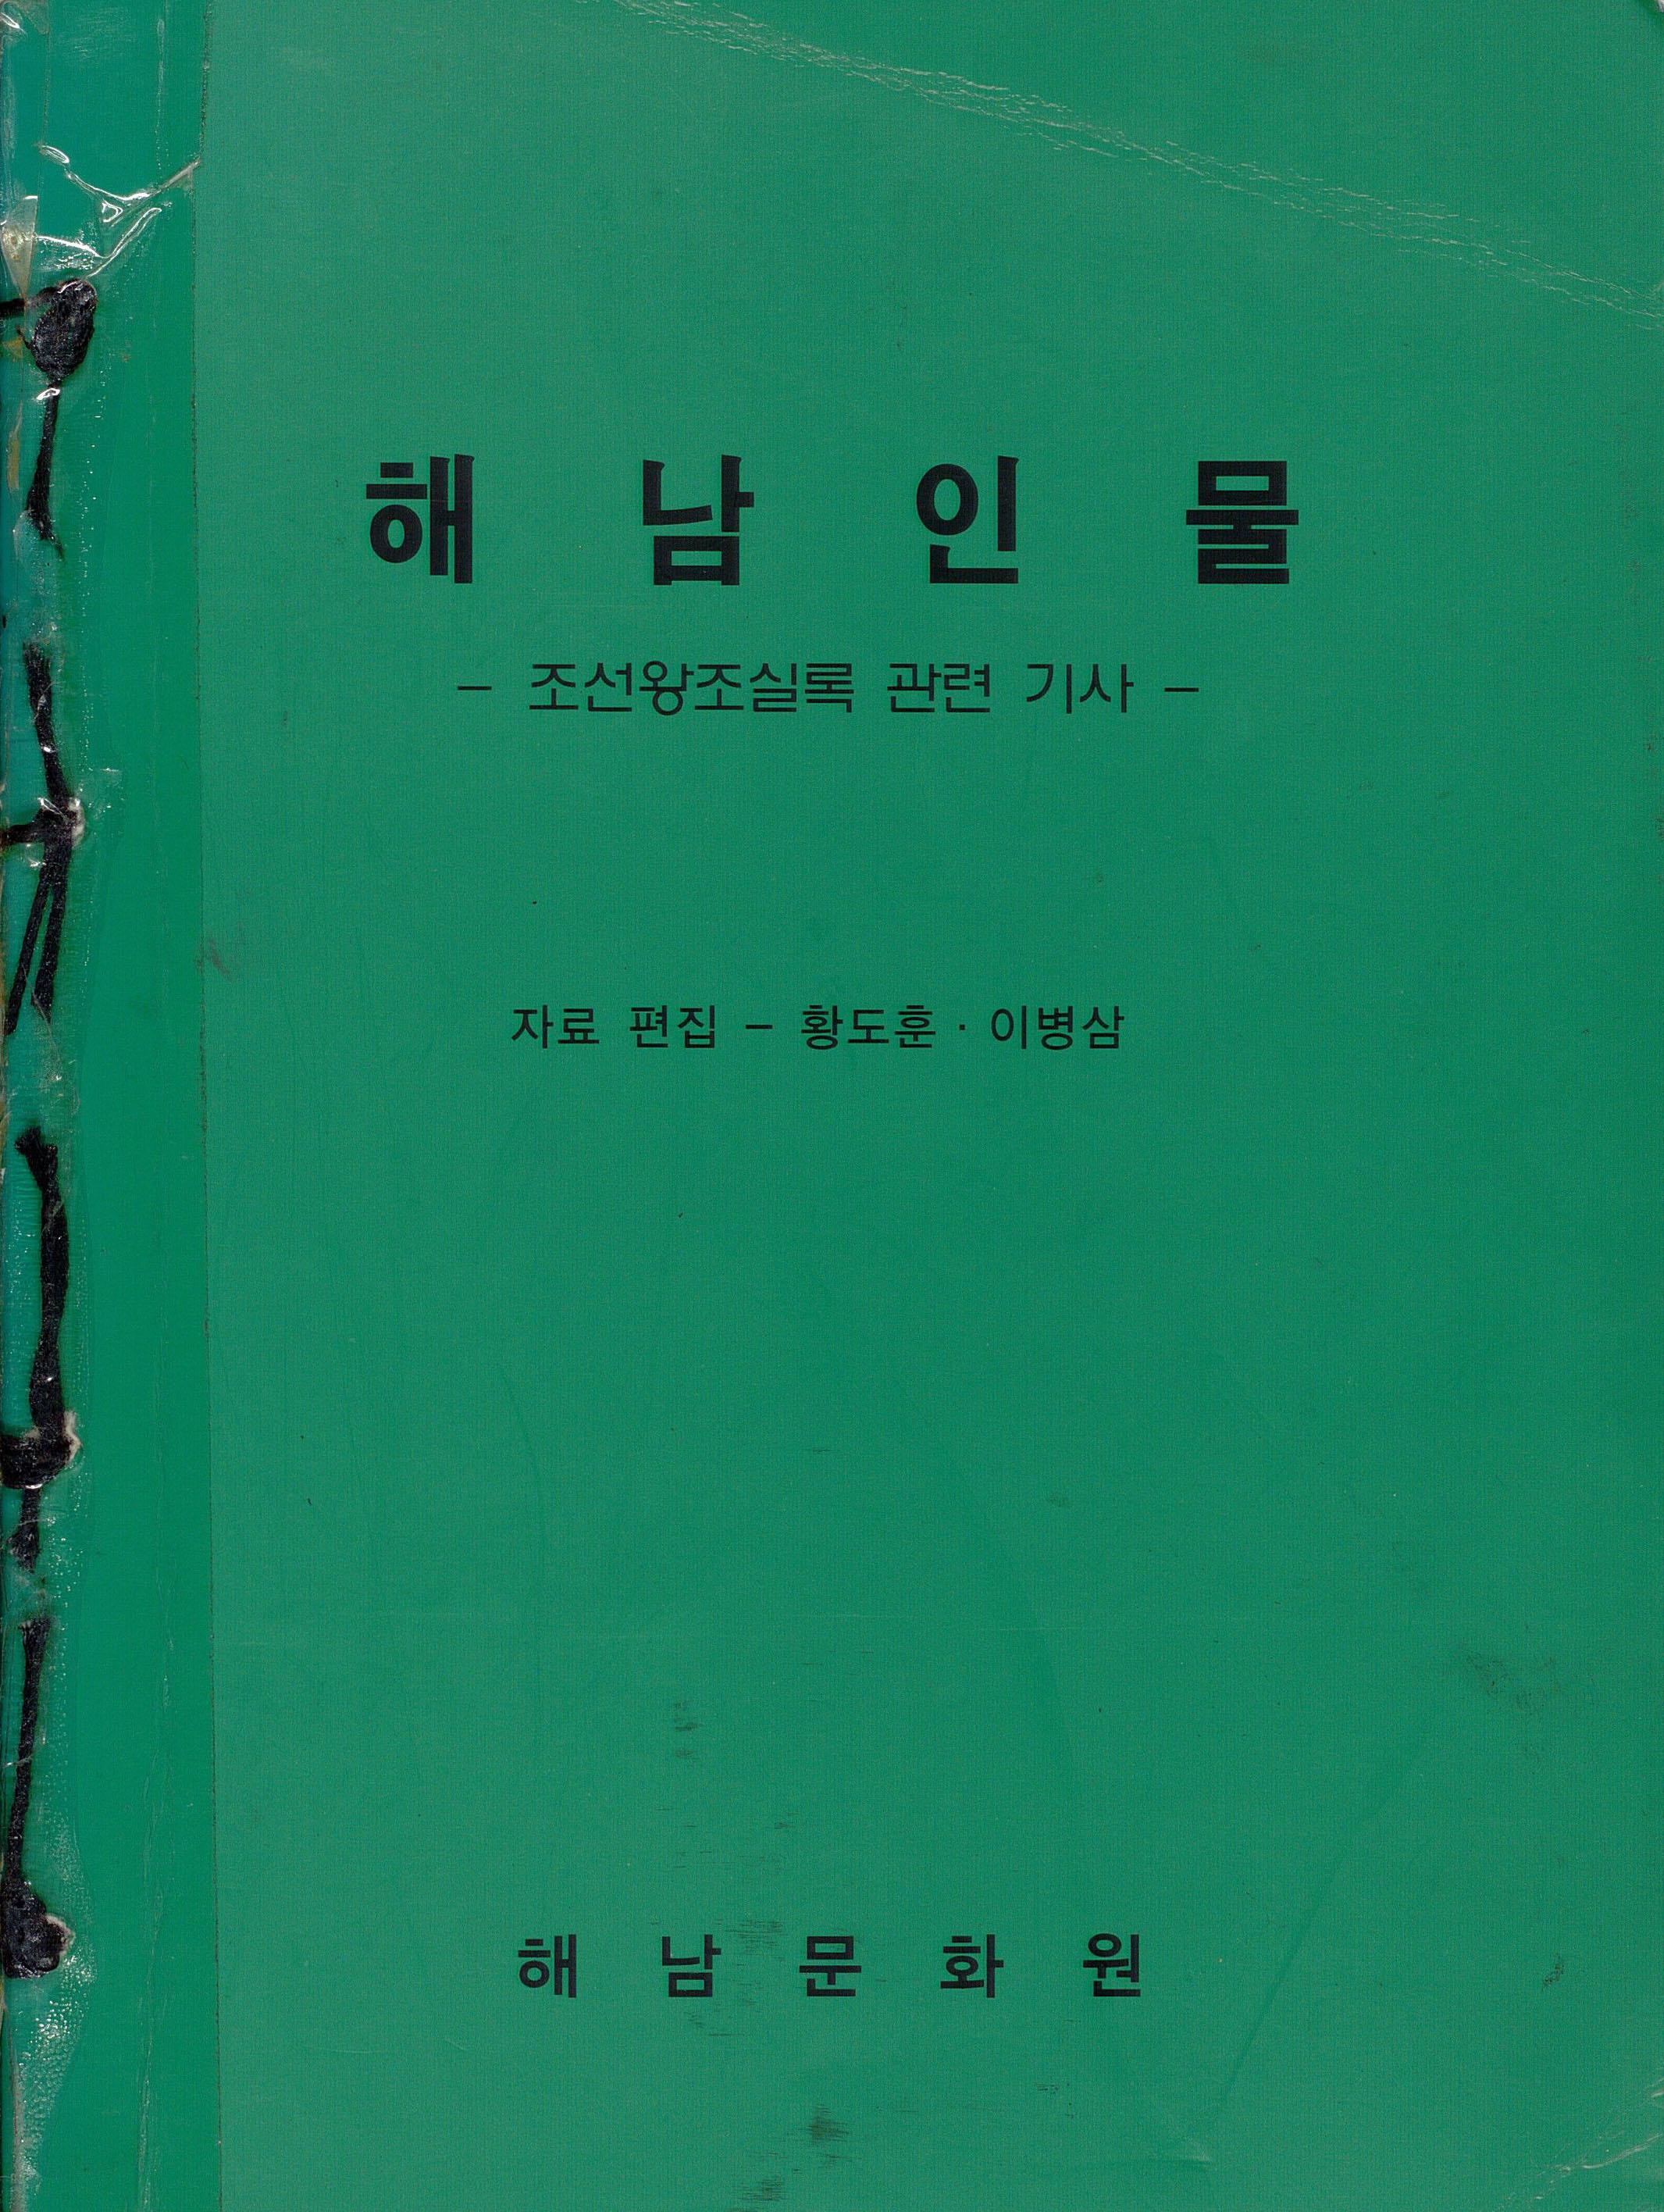 해남인물-조선왕조실록관련기사-+ (보완편)